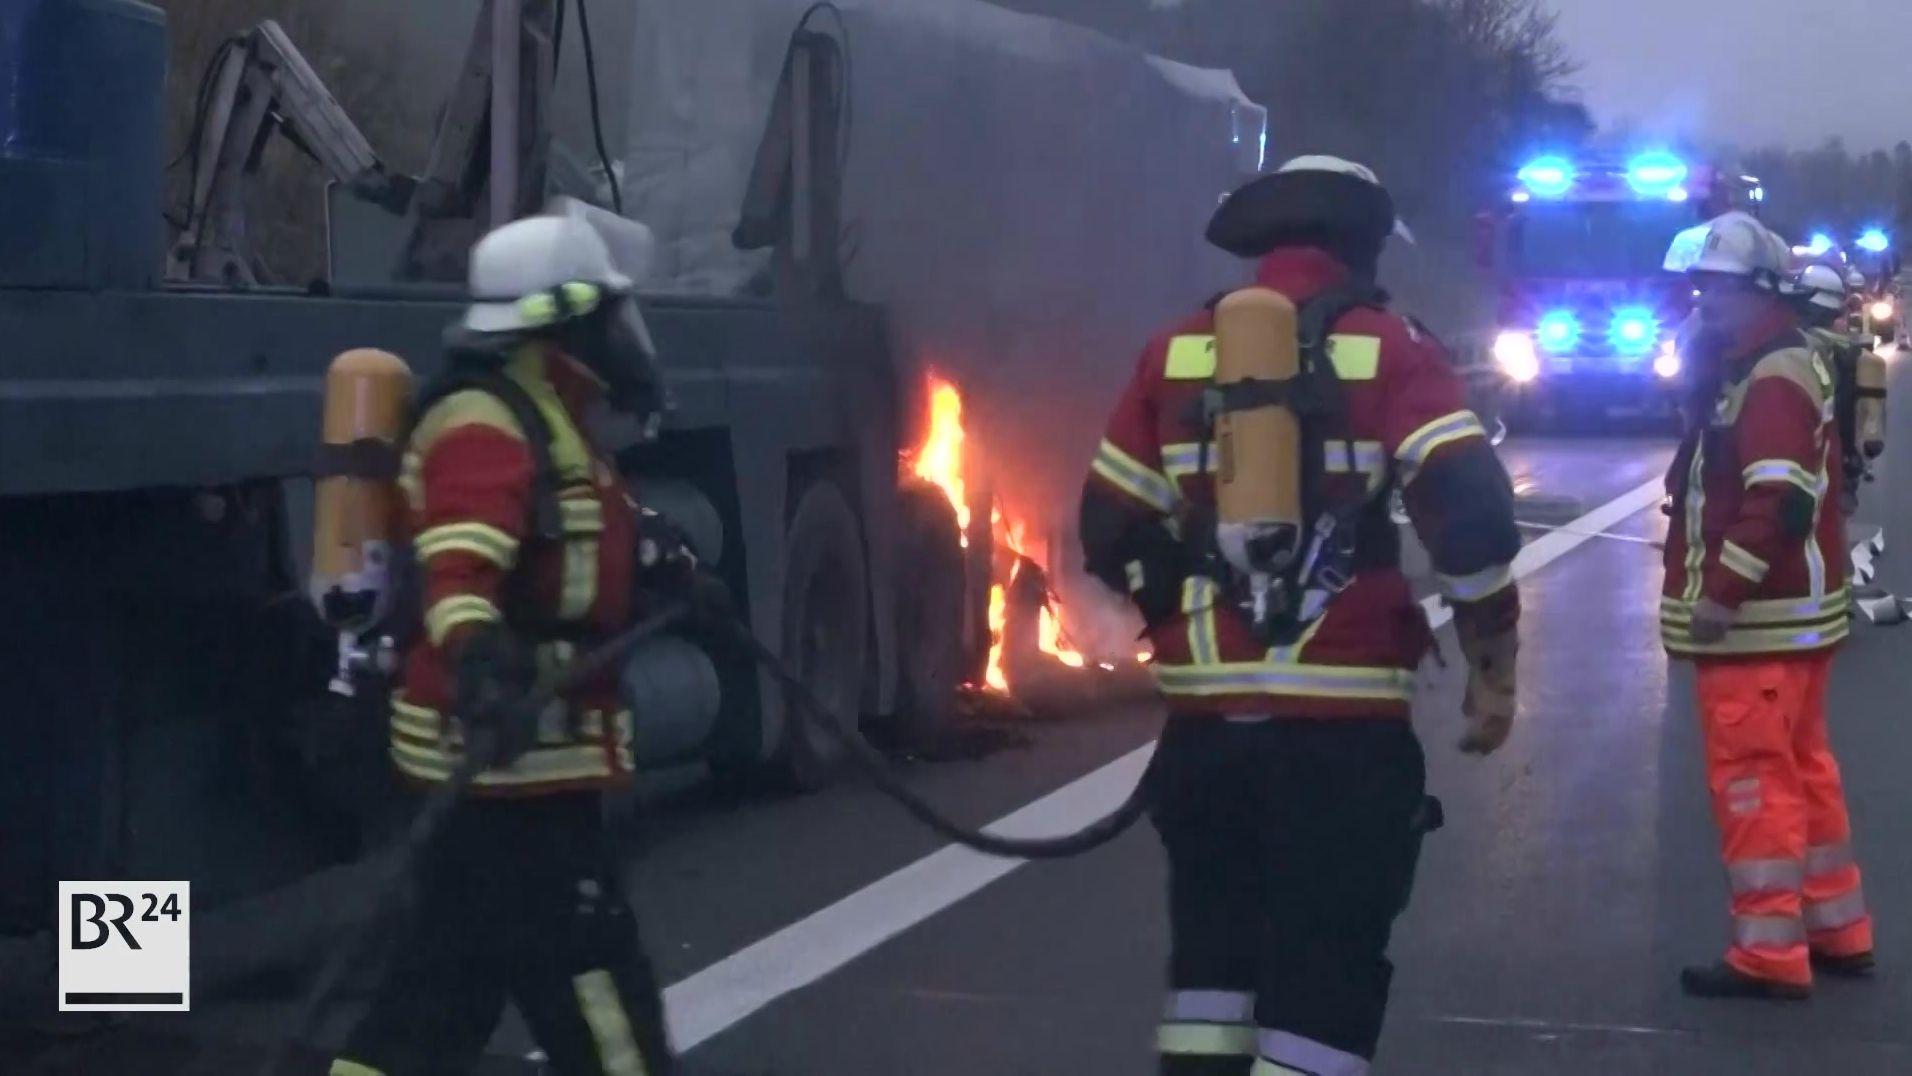 Ein lastwagenanhänger brennt, Feuerwehrleute löschen.